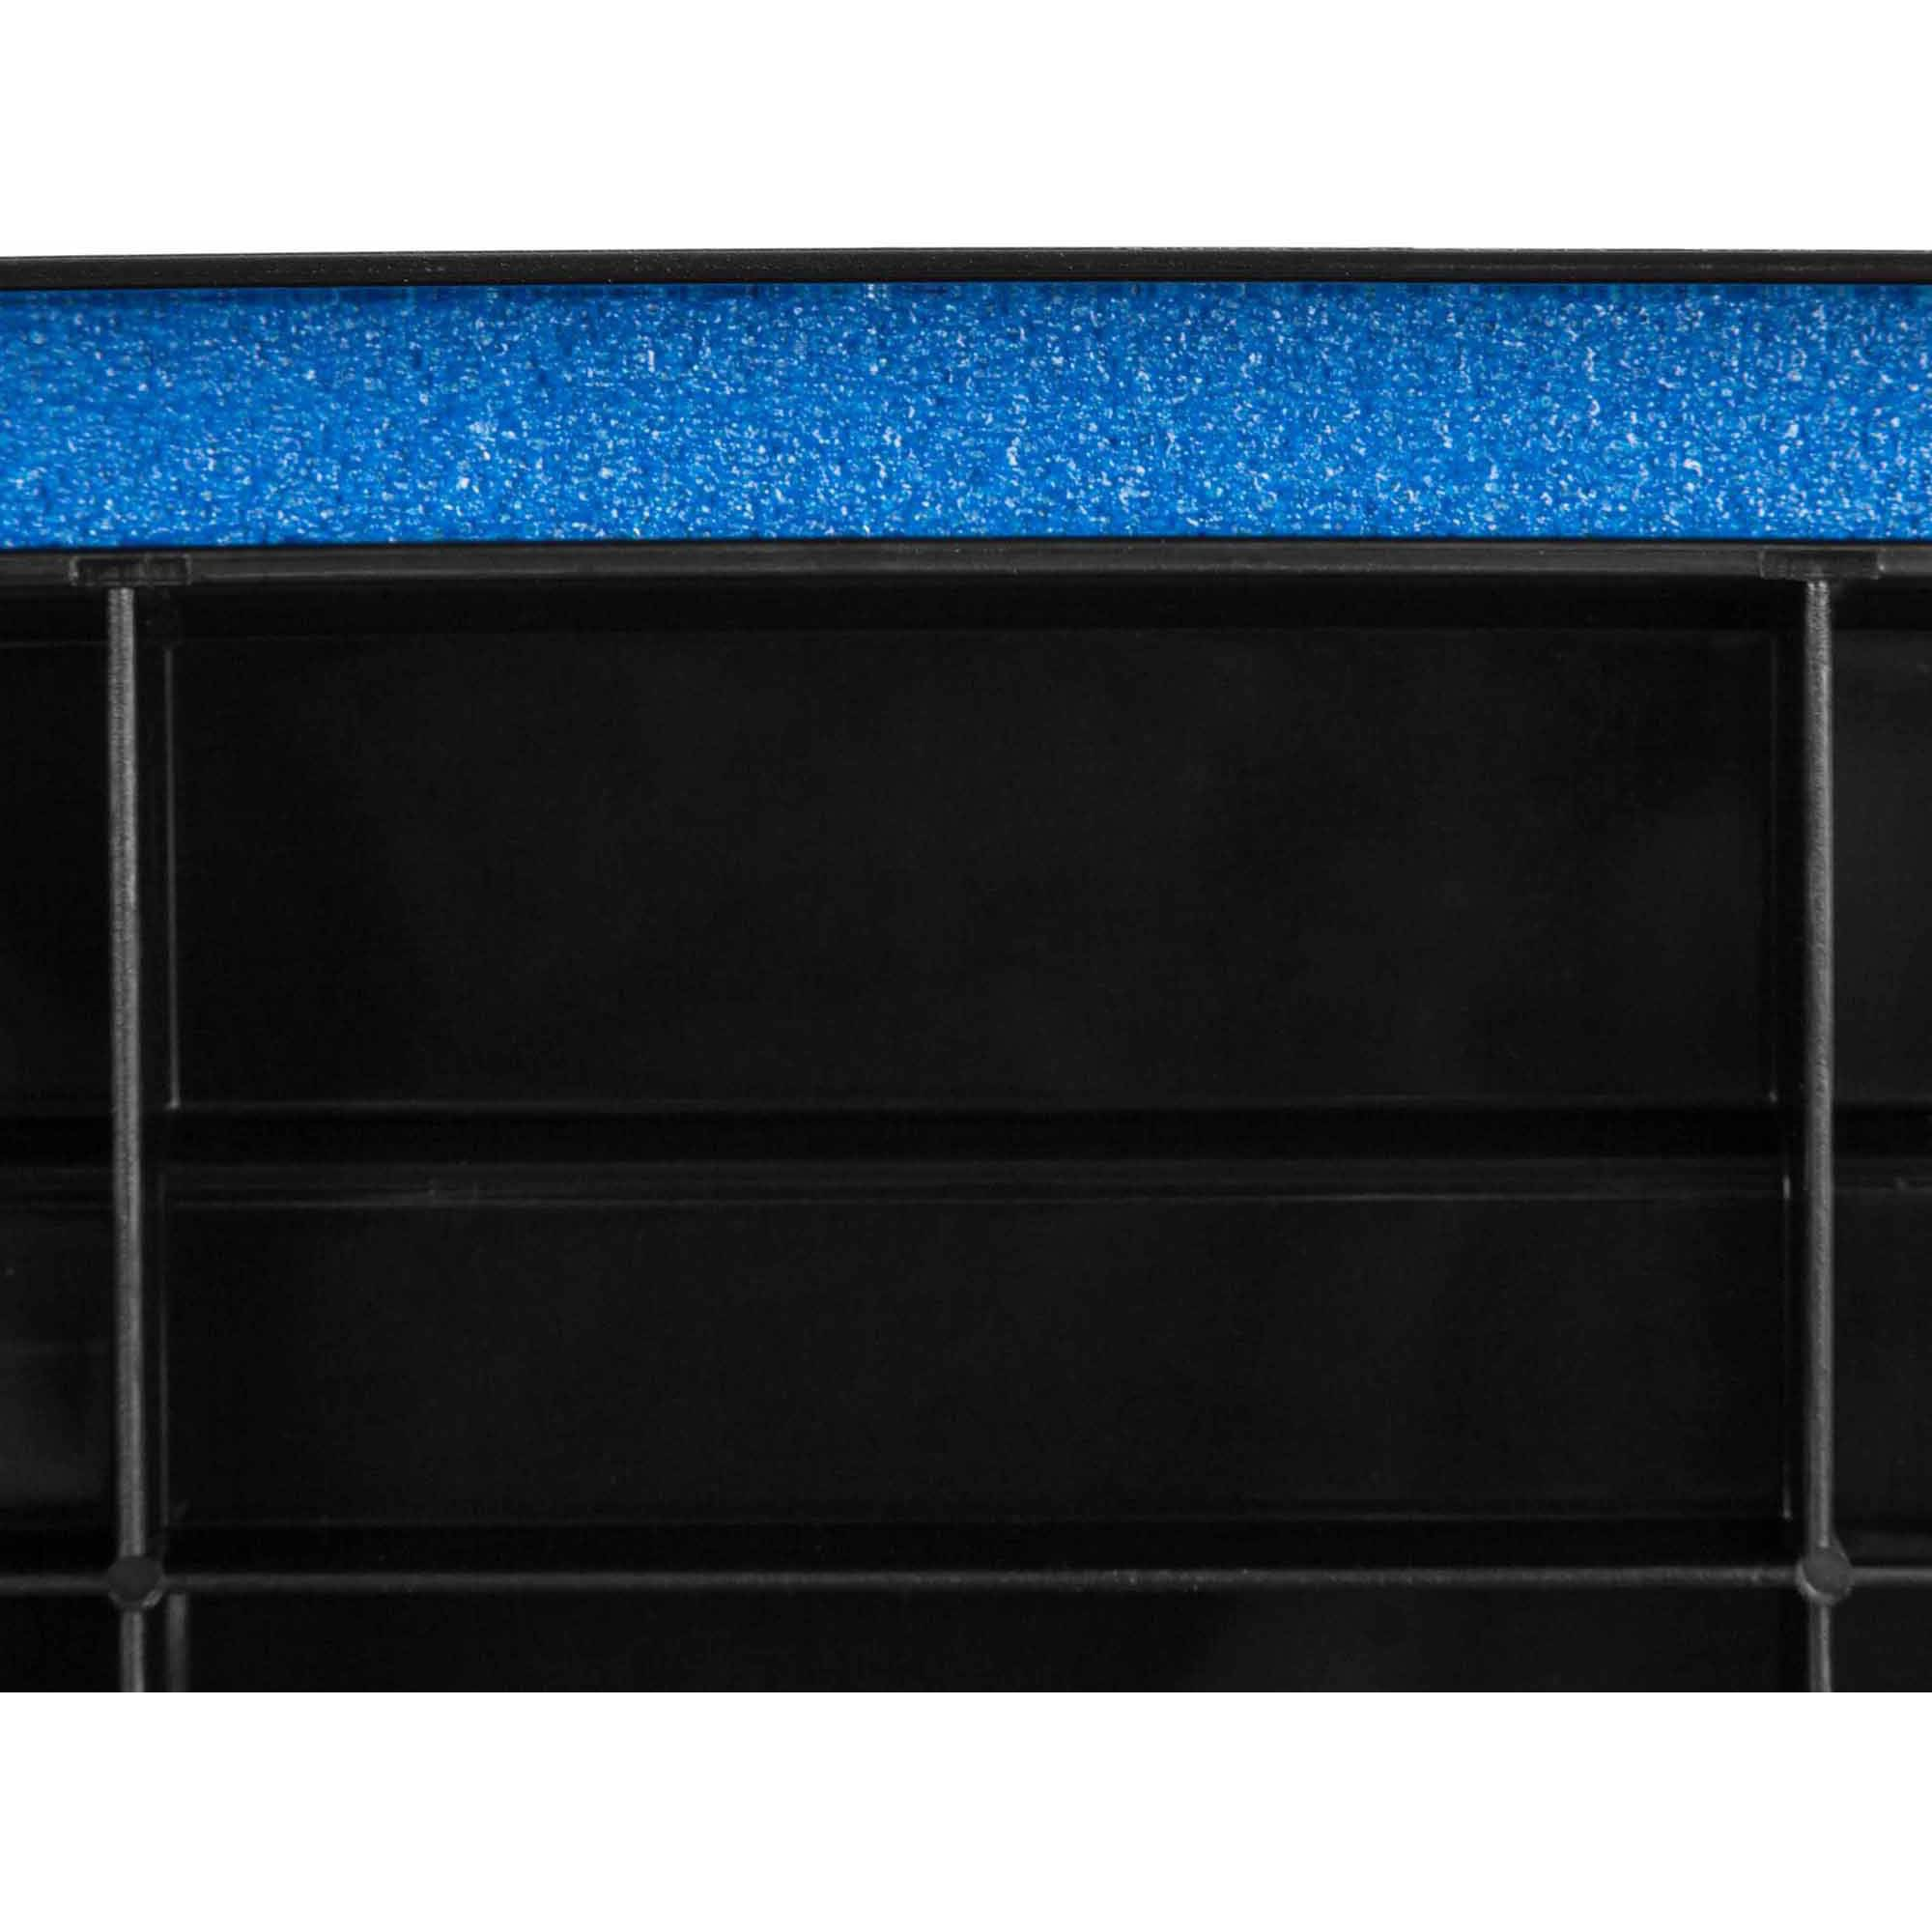 Ziploc 60 Qt./15 Gal. WeatherShield Storage Box, 4 Pack, Clear   Walmart.com